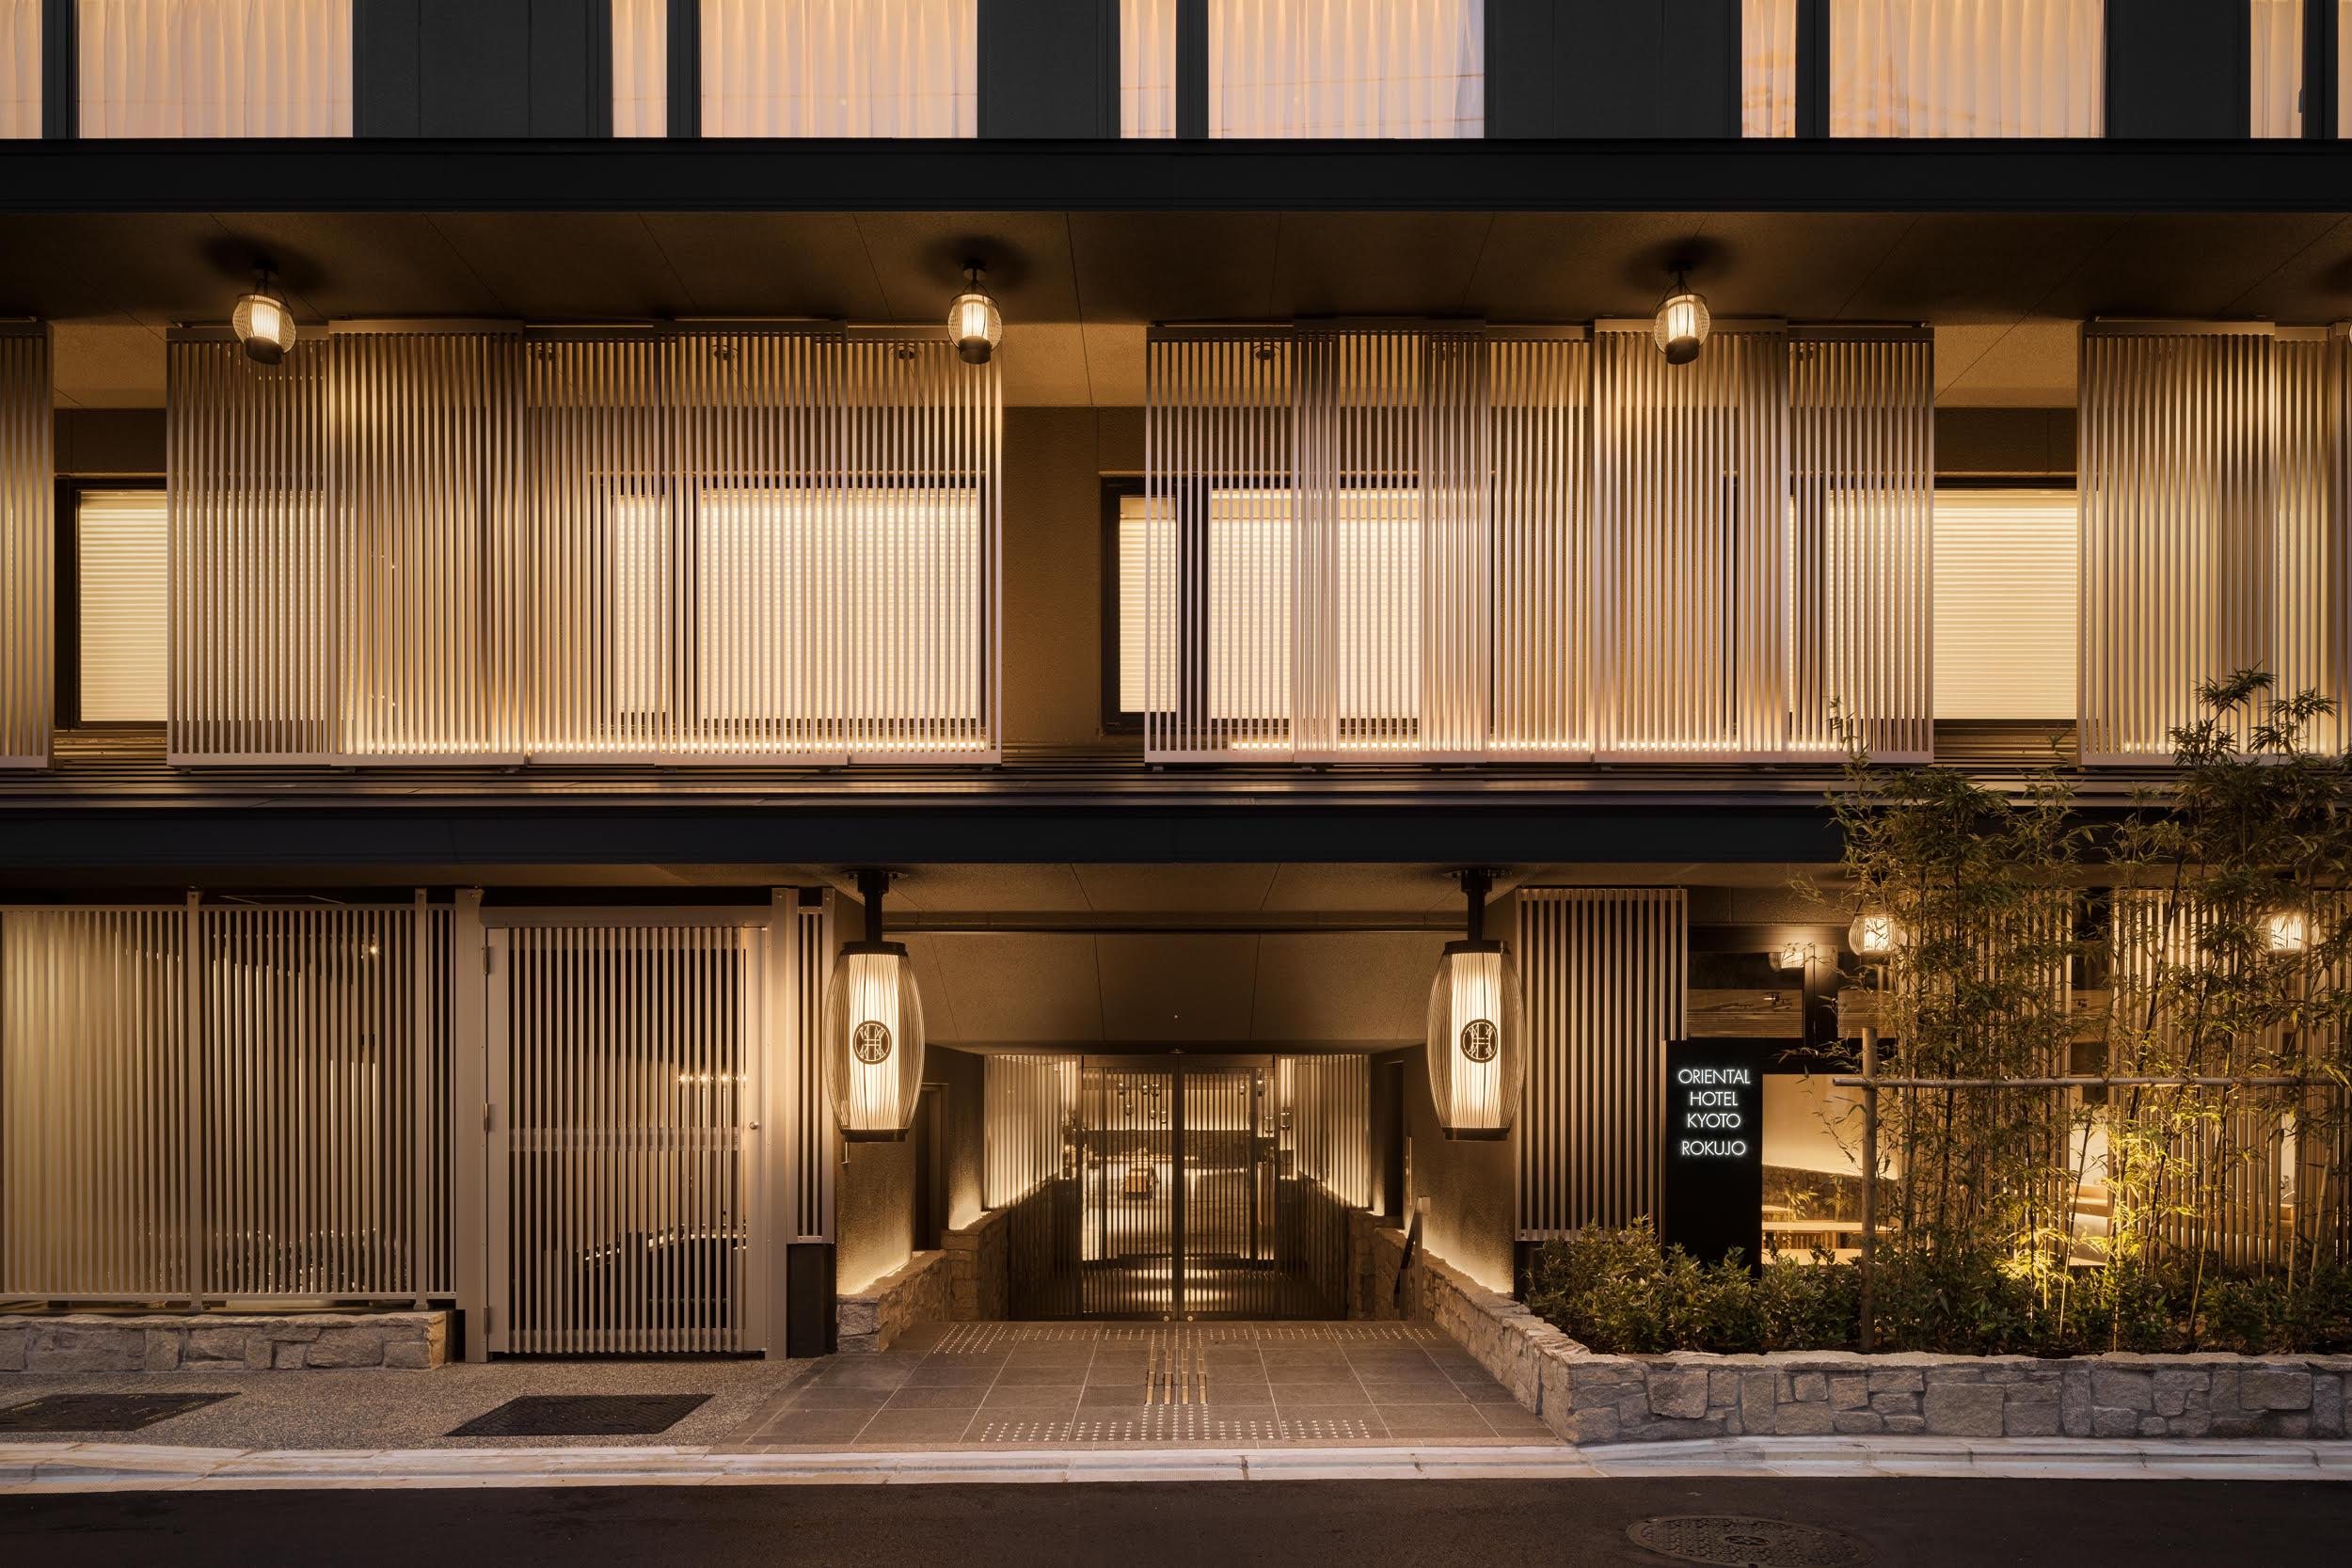 日本株式会社_オリエンタルホテル京都 六条 | UDS株式会社